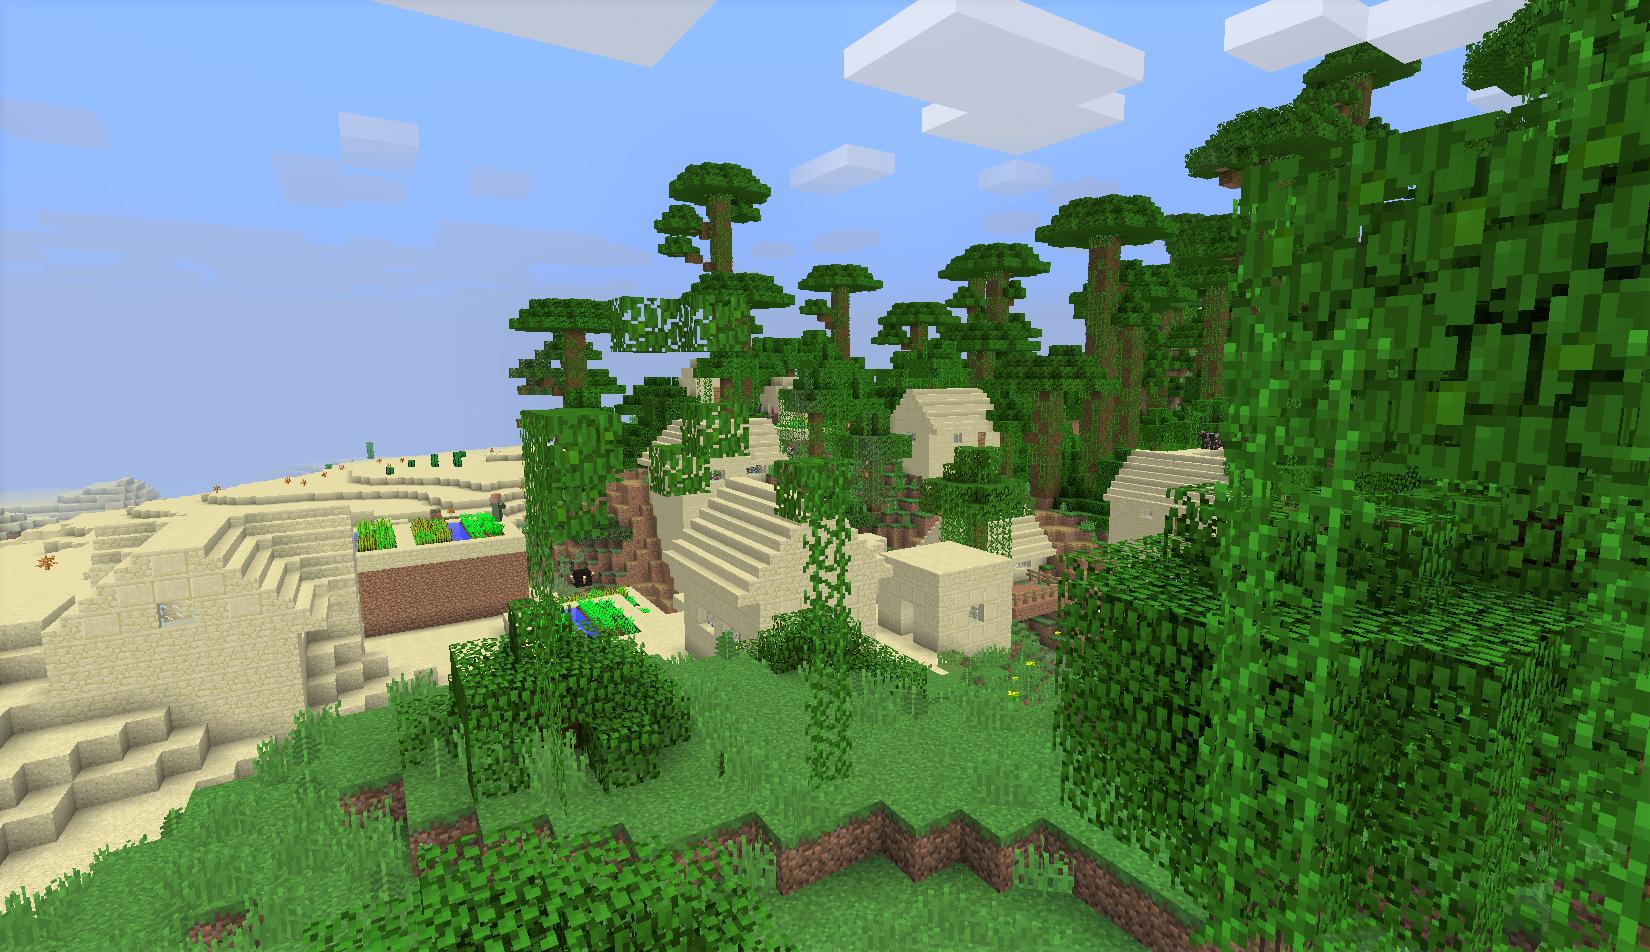 ジャングルの中の村.png